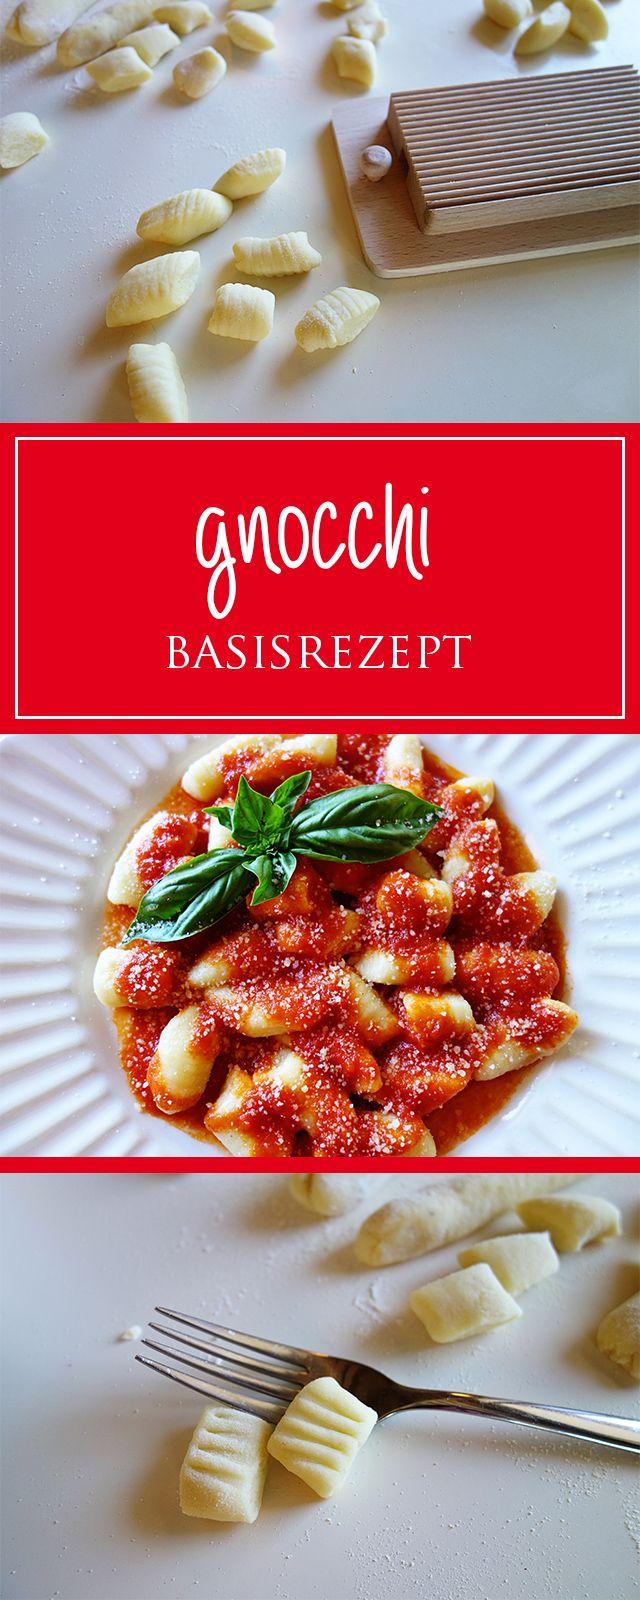 Kartoffel-Gnocchi - ein tolles Rezept für weiche & leckere Gnocchi. Zudem vegetarisch, glutenfrei (wenn du magst) & vielseitig 😍🍴 | cucina-con-amore.de